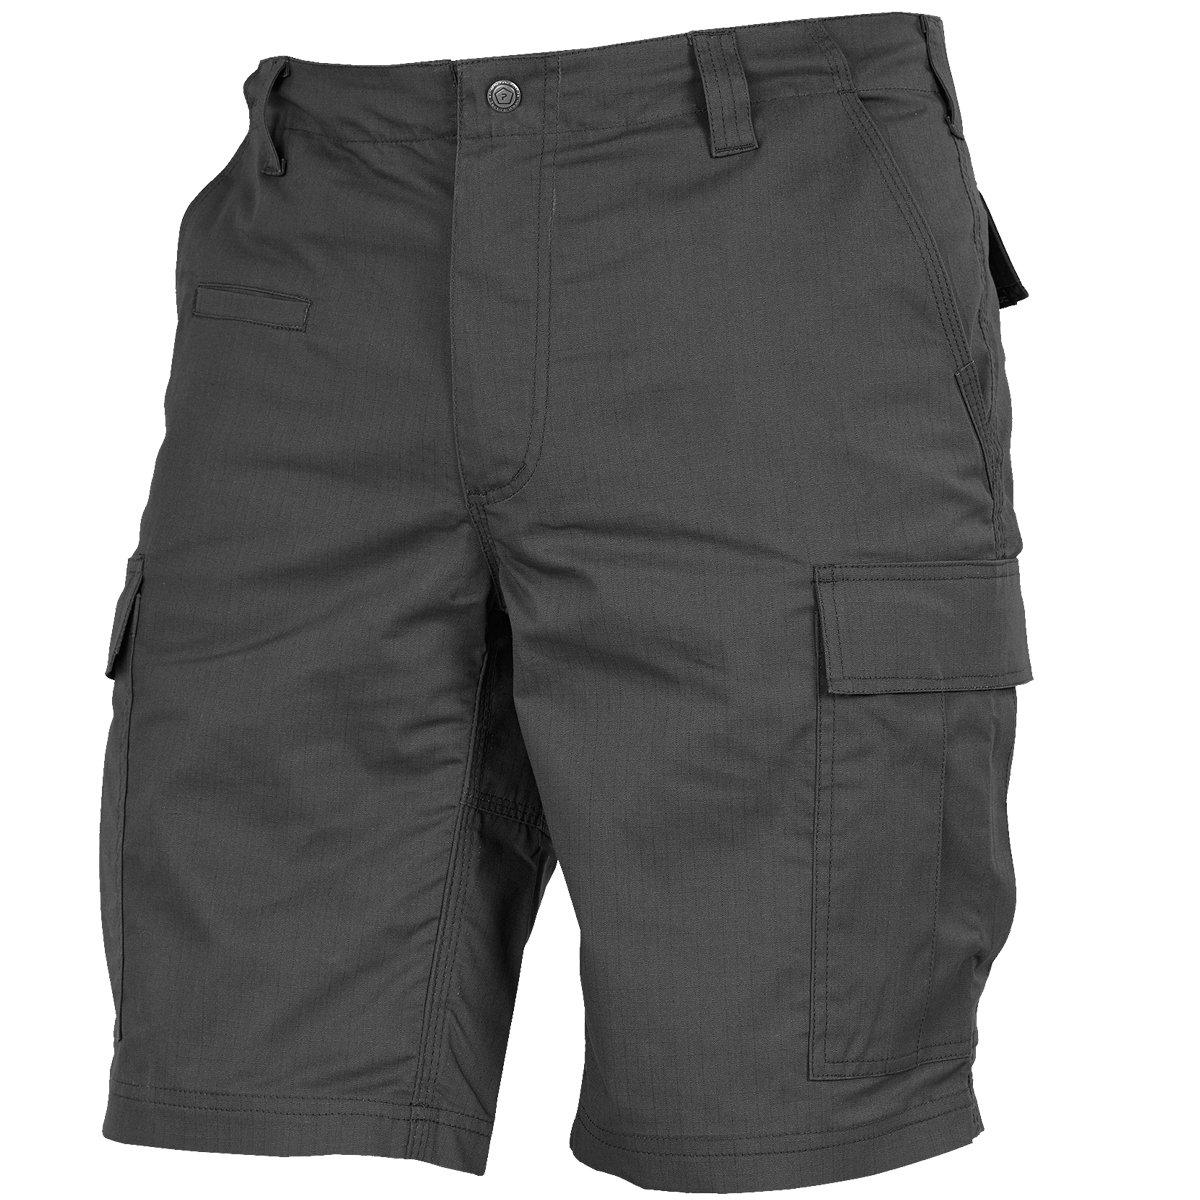 Pentagon Hombres BDU 2.0 Pantalones Cortos Cinder Gris: Amazon.es ...